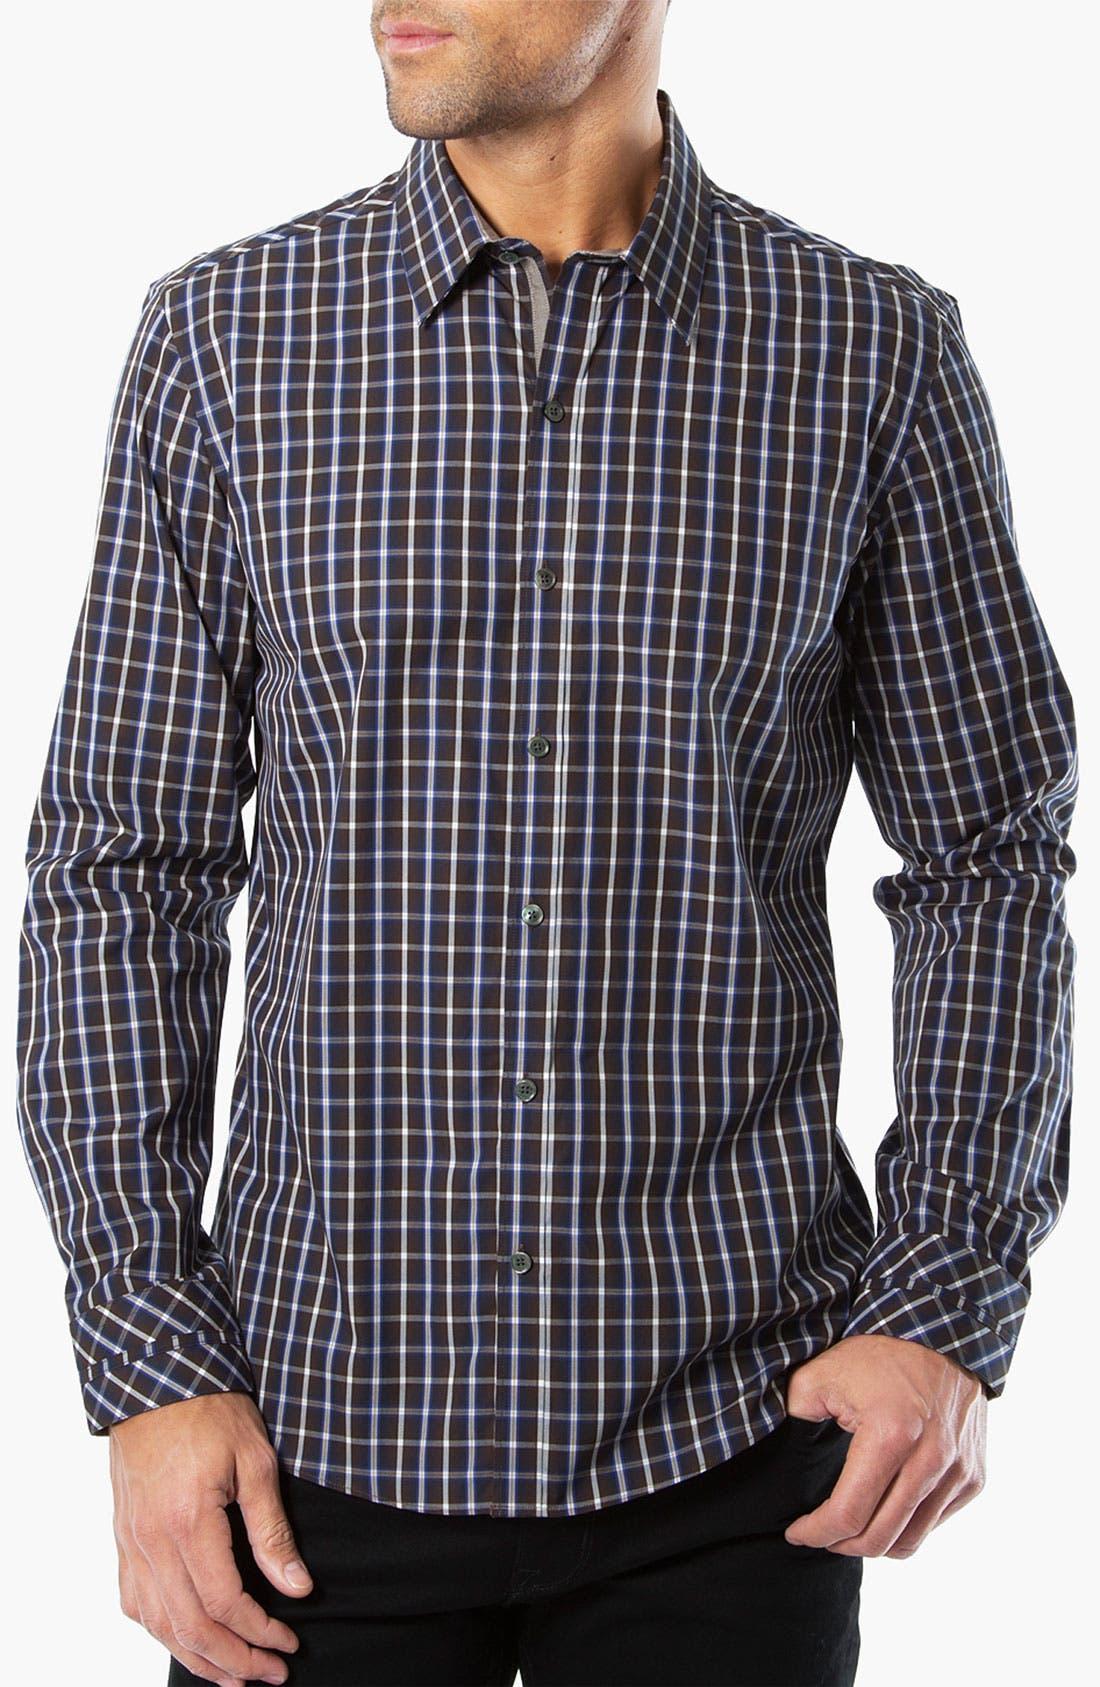 Main Image - Kenson 'Vertigo' Plaid Woven Shirt